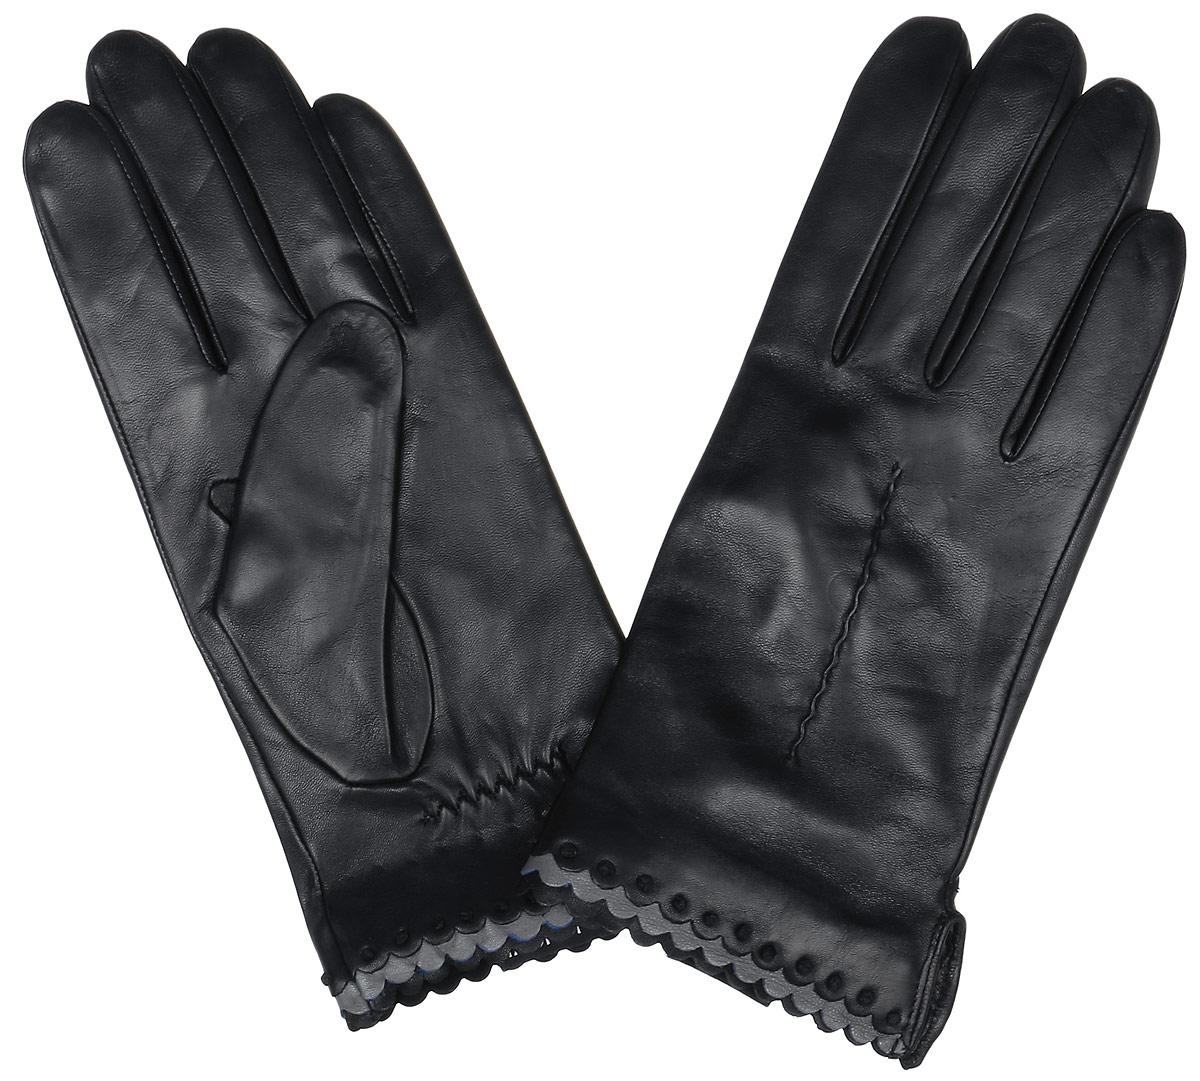 Перчатки женские Fabretti, цвет: черный. 2.80-1. Размер 6,52.80-1 blackСтильные женские перчатки Fabretti не только защитят ваши руки, но и станут великолепным украшением. Перчатки выполнены из натуральной кожи ягненка, а их подкладка - из высококачественной шерсти с добавлением кашемира.Модель оформлена оригинальной каймой и строчками-стежками на запястье.Стильный аксессуар для повседневного образа.